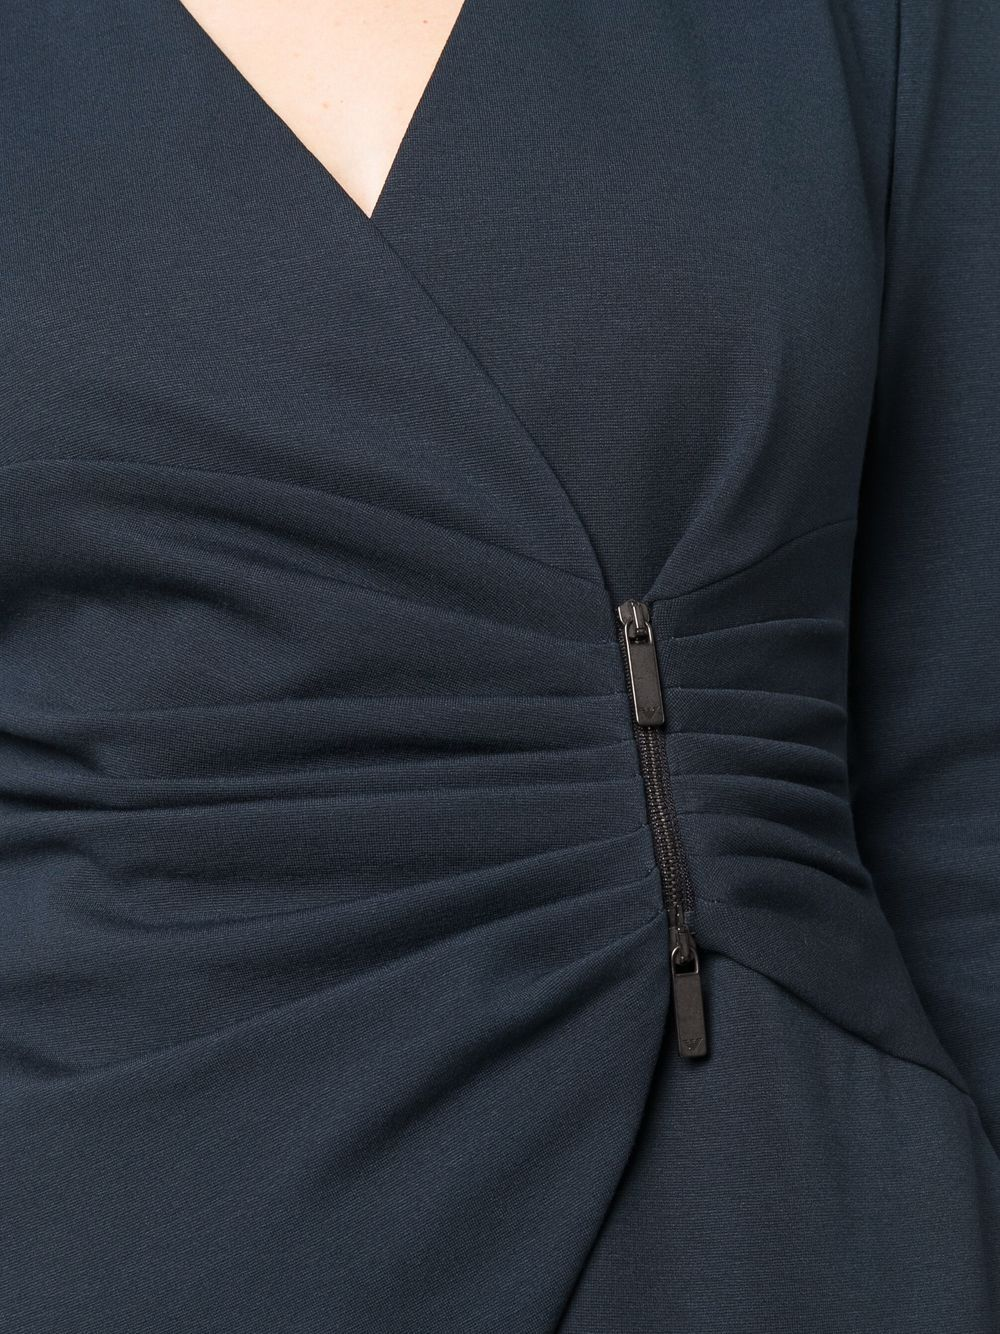 JACKET GIORGIO ARMANI   Jacket   6K2G8A2JFAZ0919